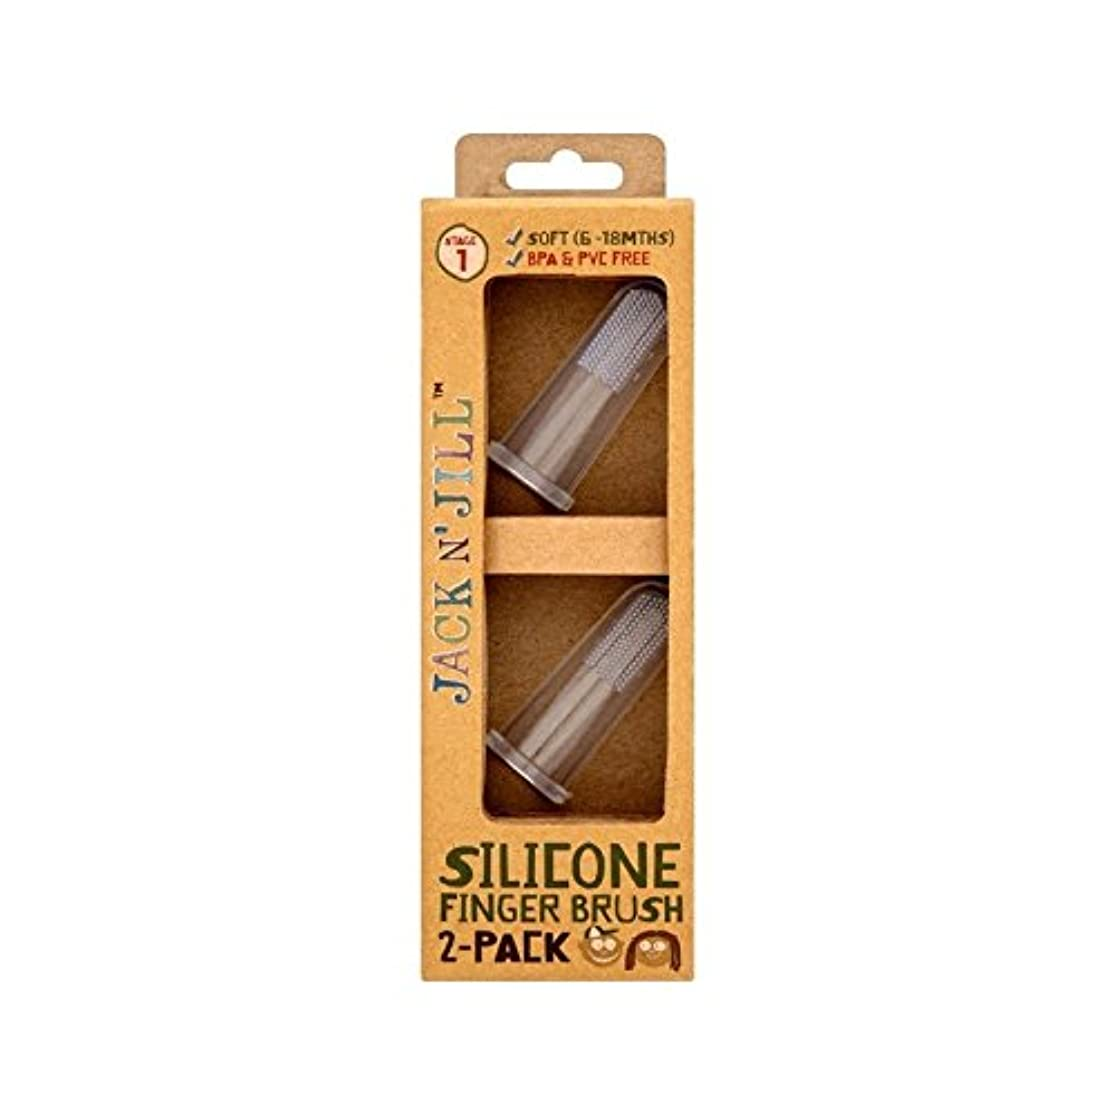 カタログレパートリー部分的シリコーン指ブラシ2パックあたりパック2 (Jack N Jill) (x 4) - Jack N' Jill Silicone Finger Brush 2 Pack 2 per pack (Pack of 4) [並行輸入品]